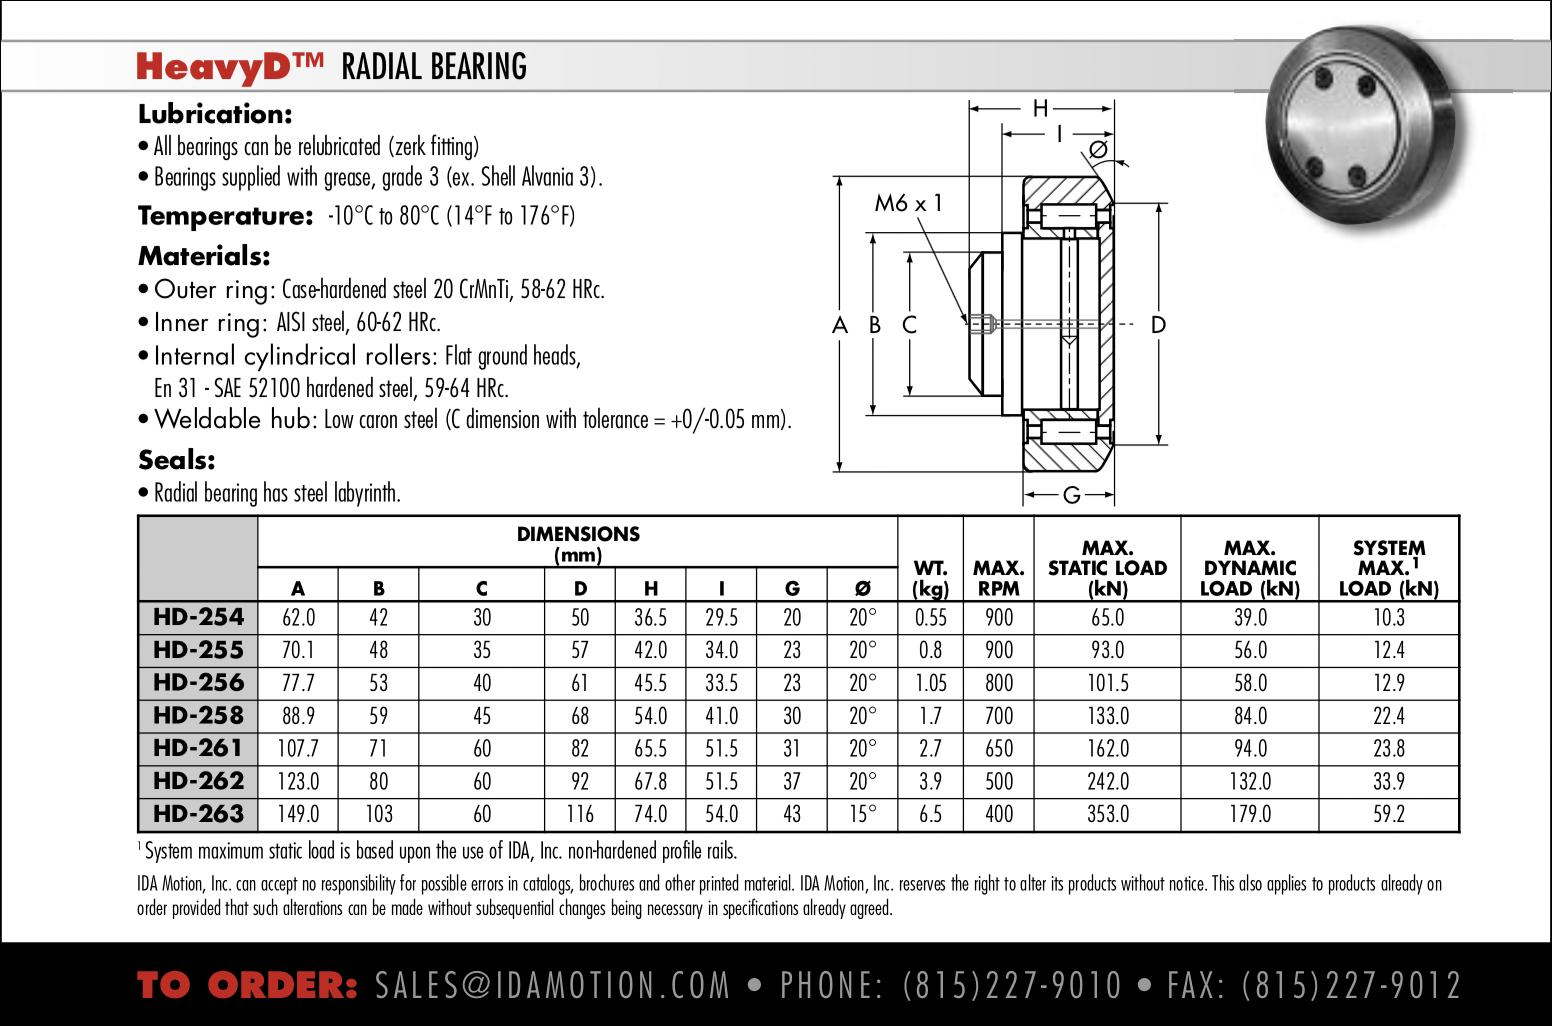 HeavyD Radial Bearing